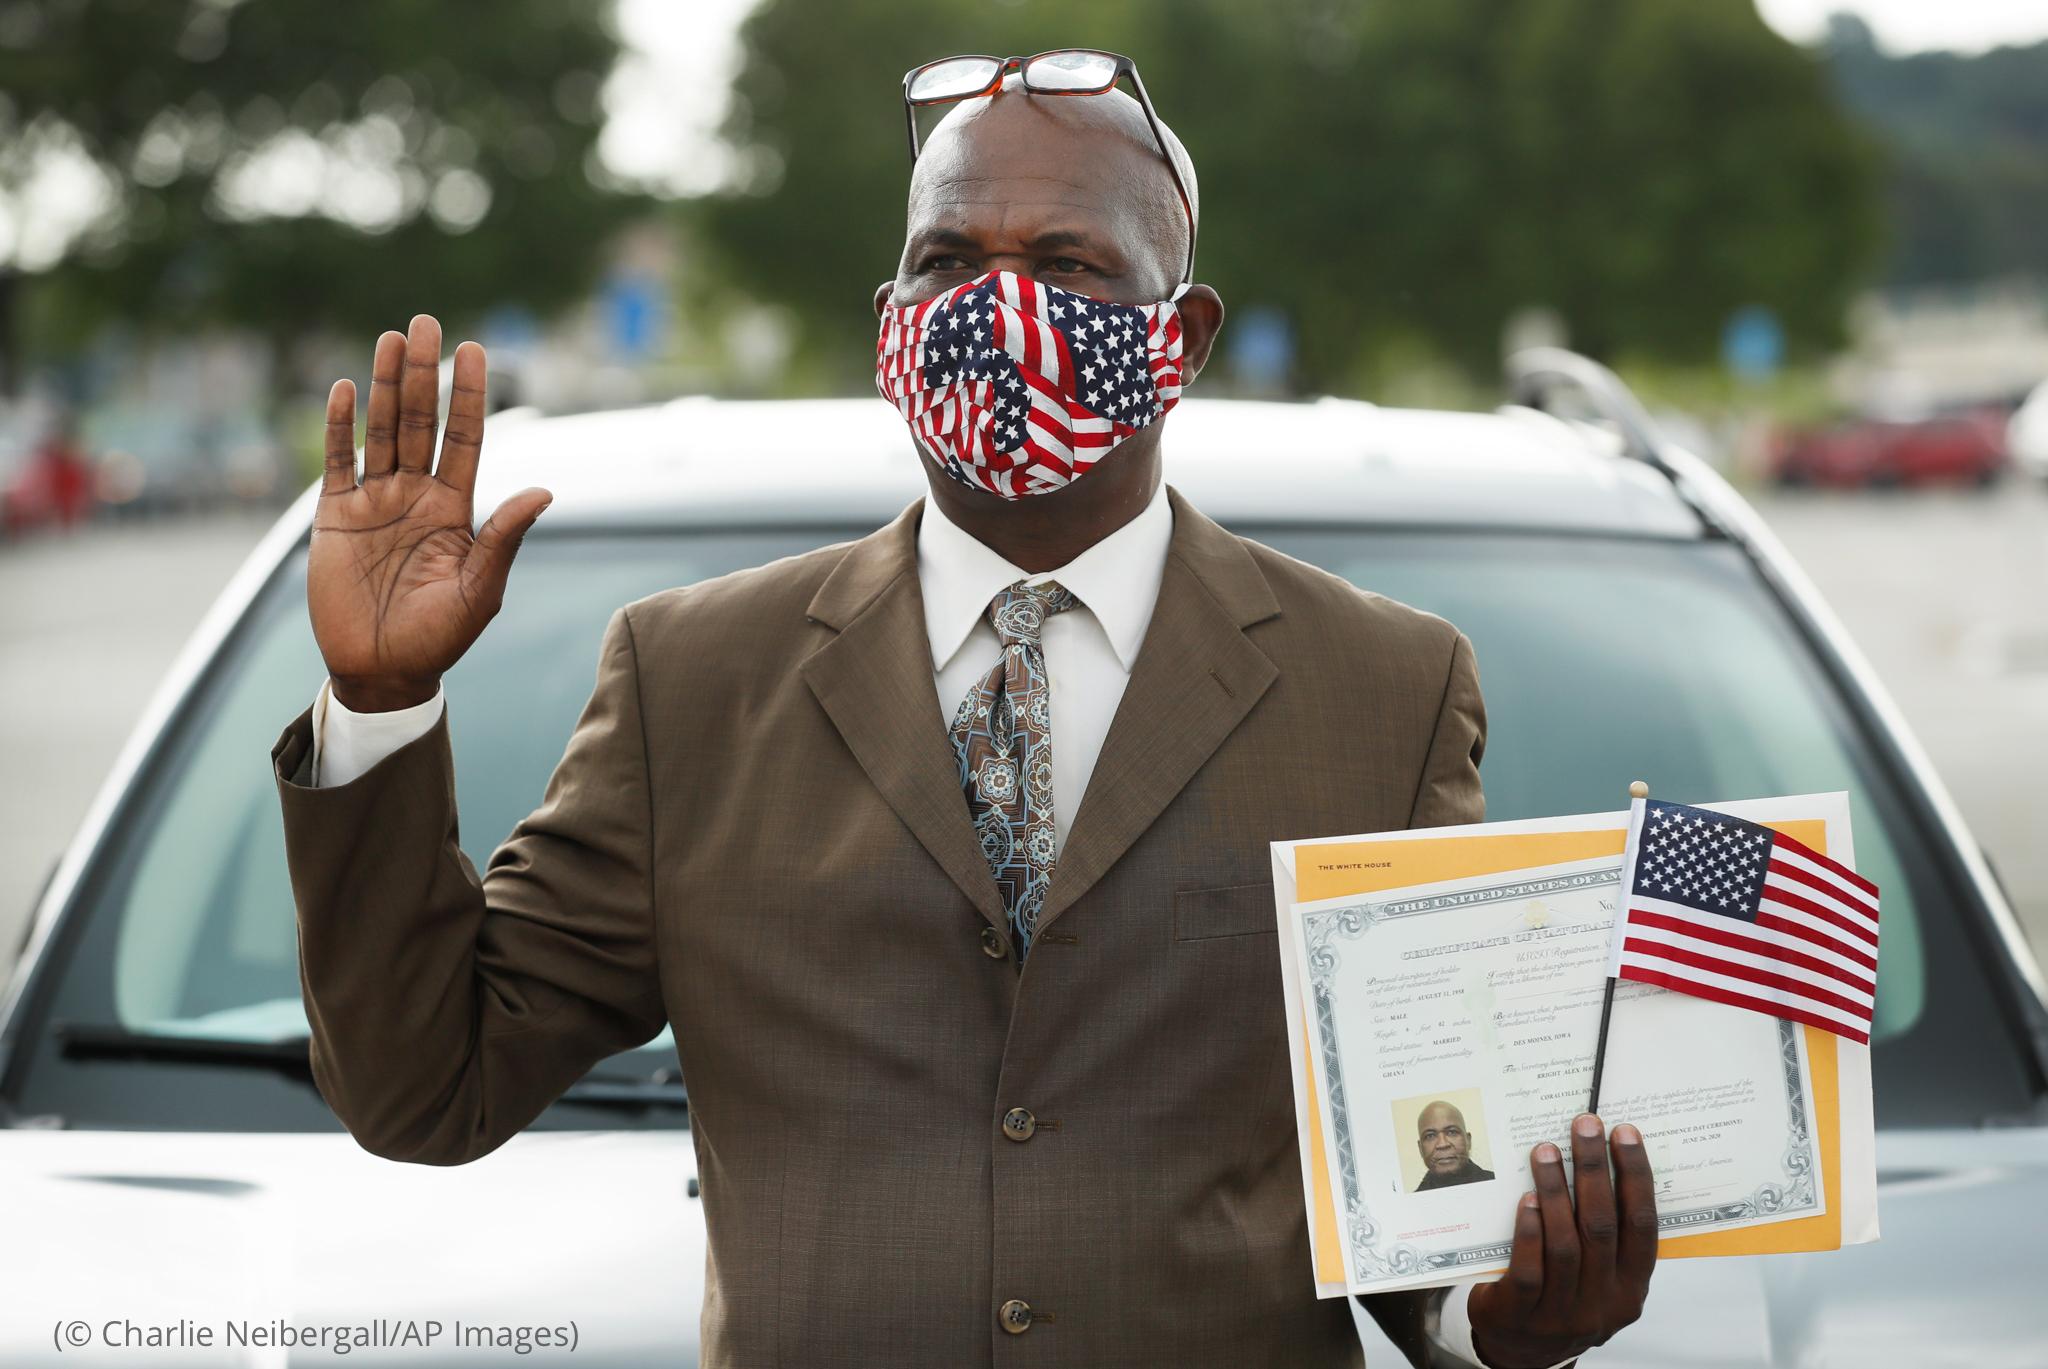 ایک آدمی جس نے دایاں ہاتھ ہوا میں بلند کیا ہوا ہے اور دوسرے ہاتھ میں سرٹیفکیٹ اور چھوٹا جھنڈا پکڑا ہوا ہے (© Charlie Neibergall/AP Images)